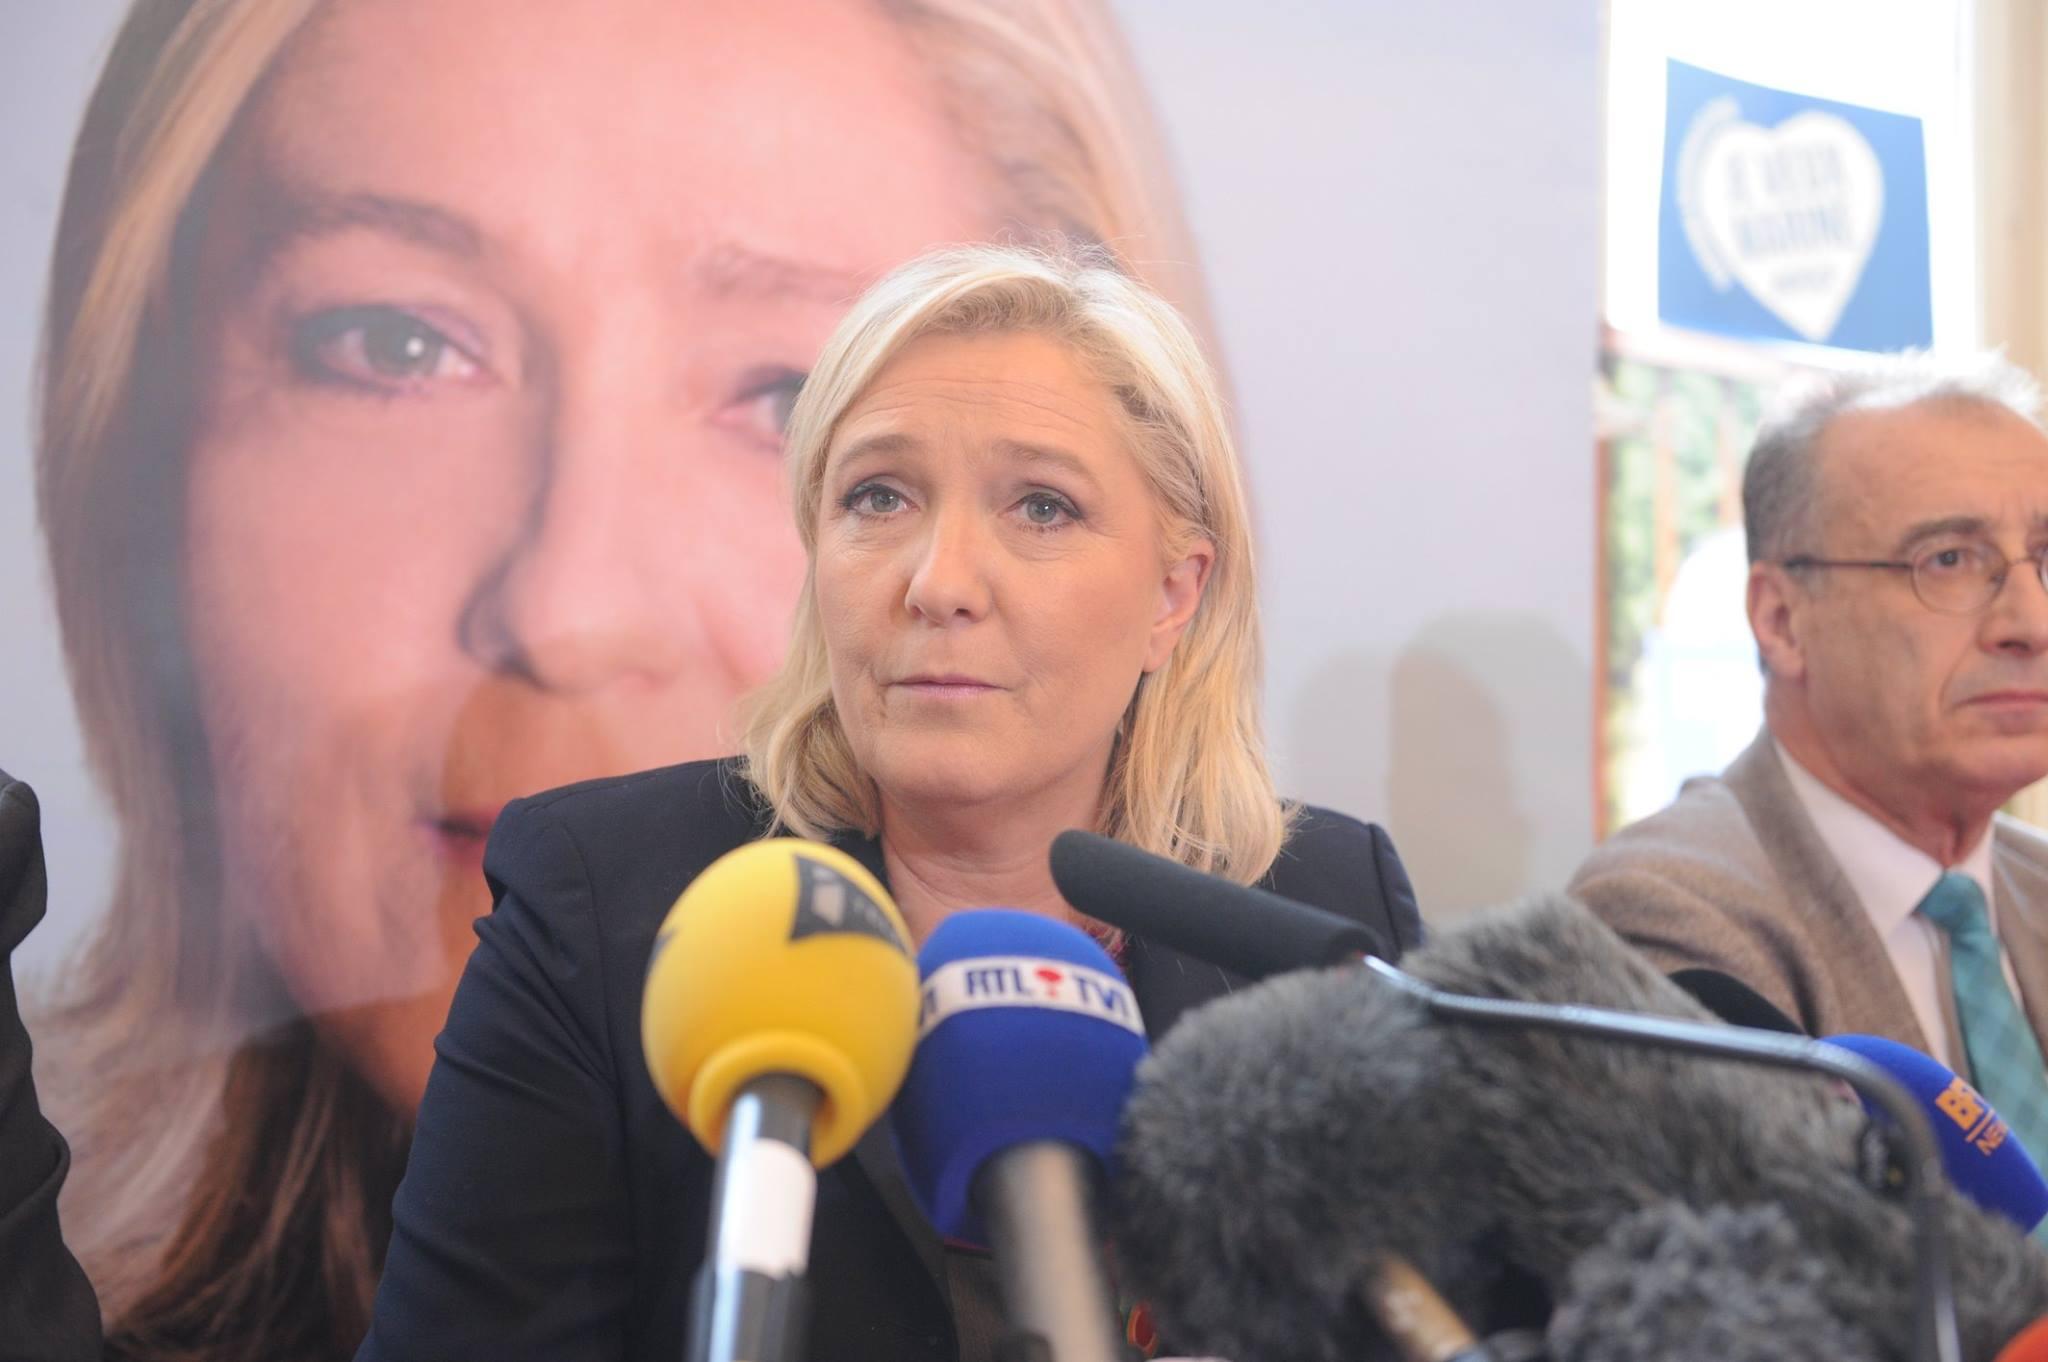 IMAGEM: Também não vai ter golpe na França, bobocas